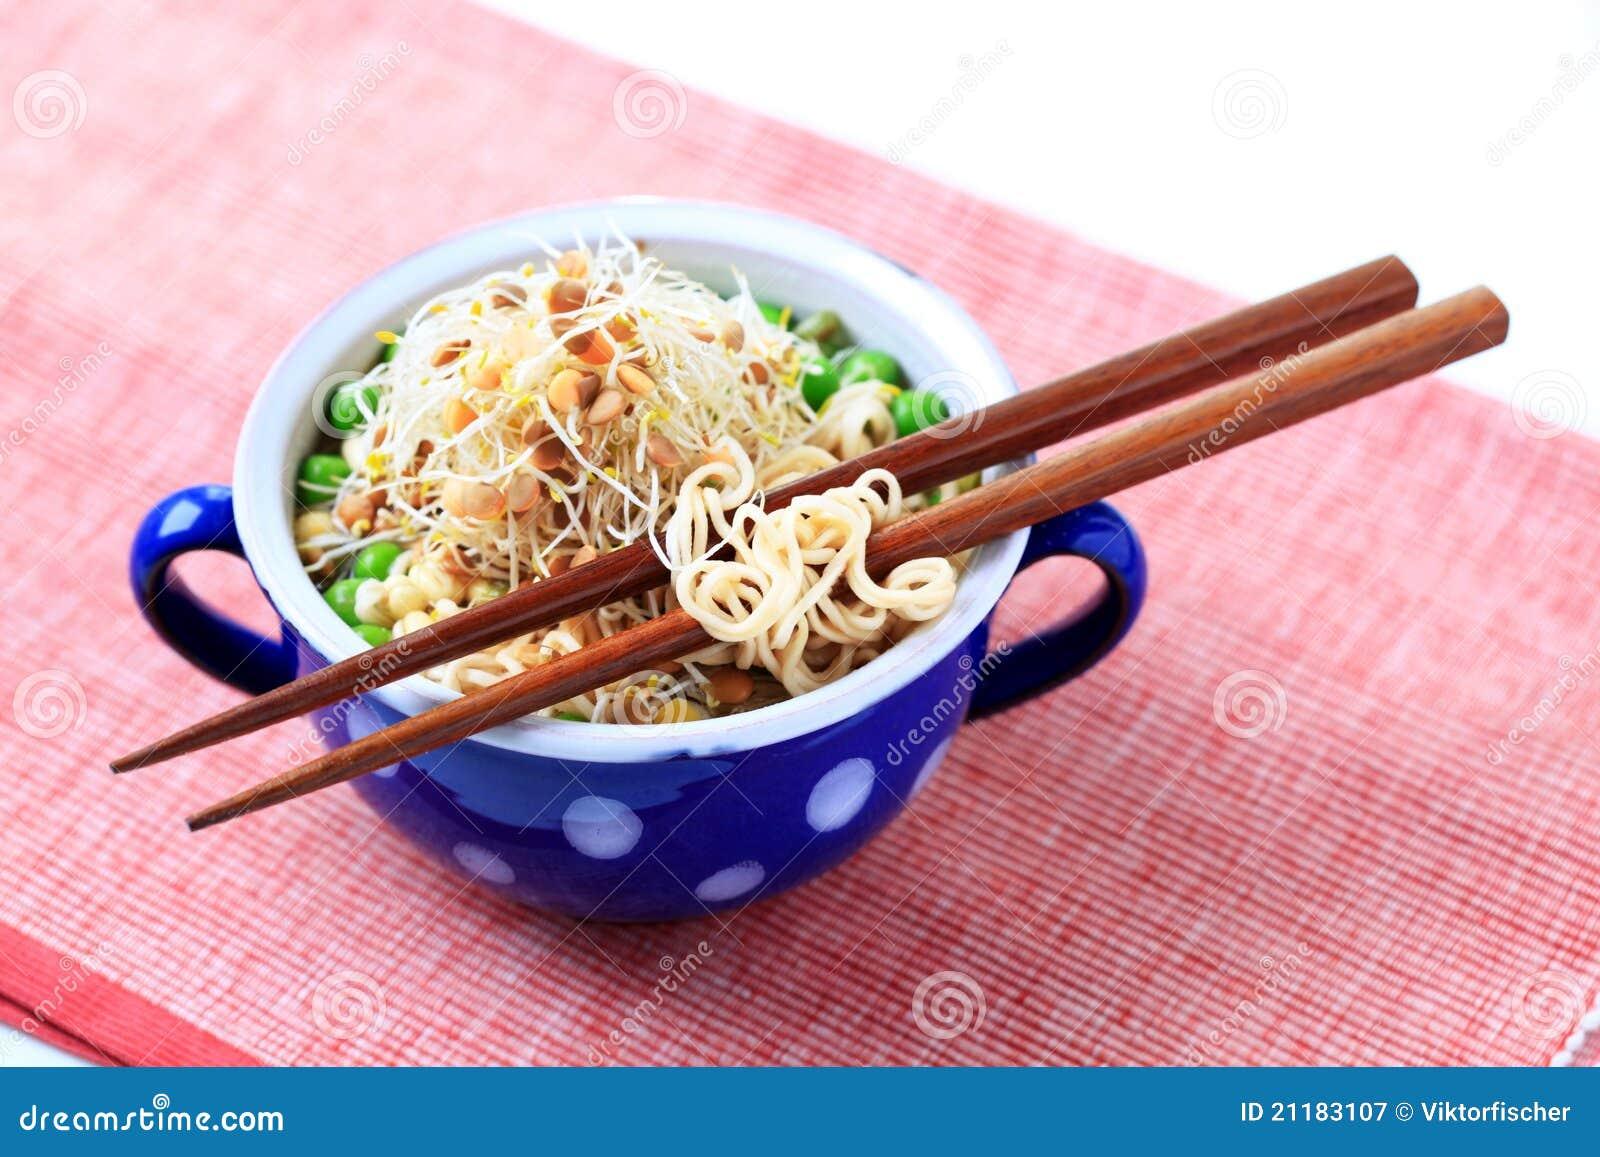 Legume soup with noodles